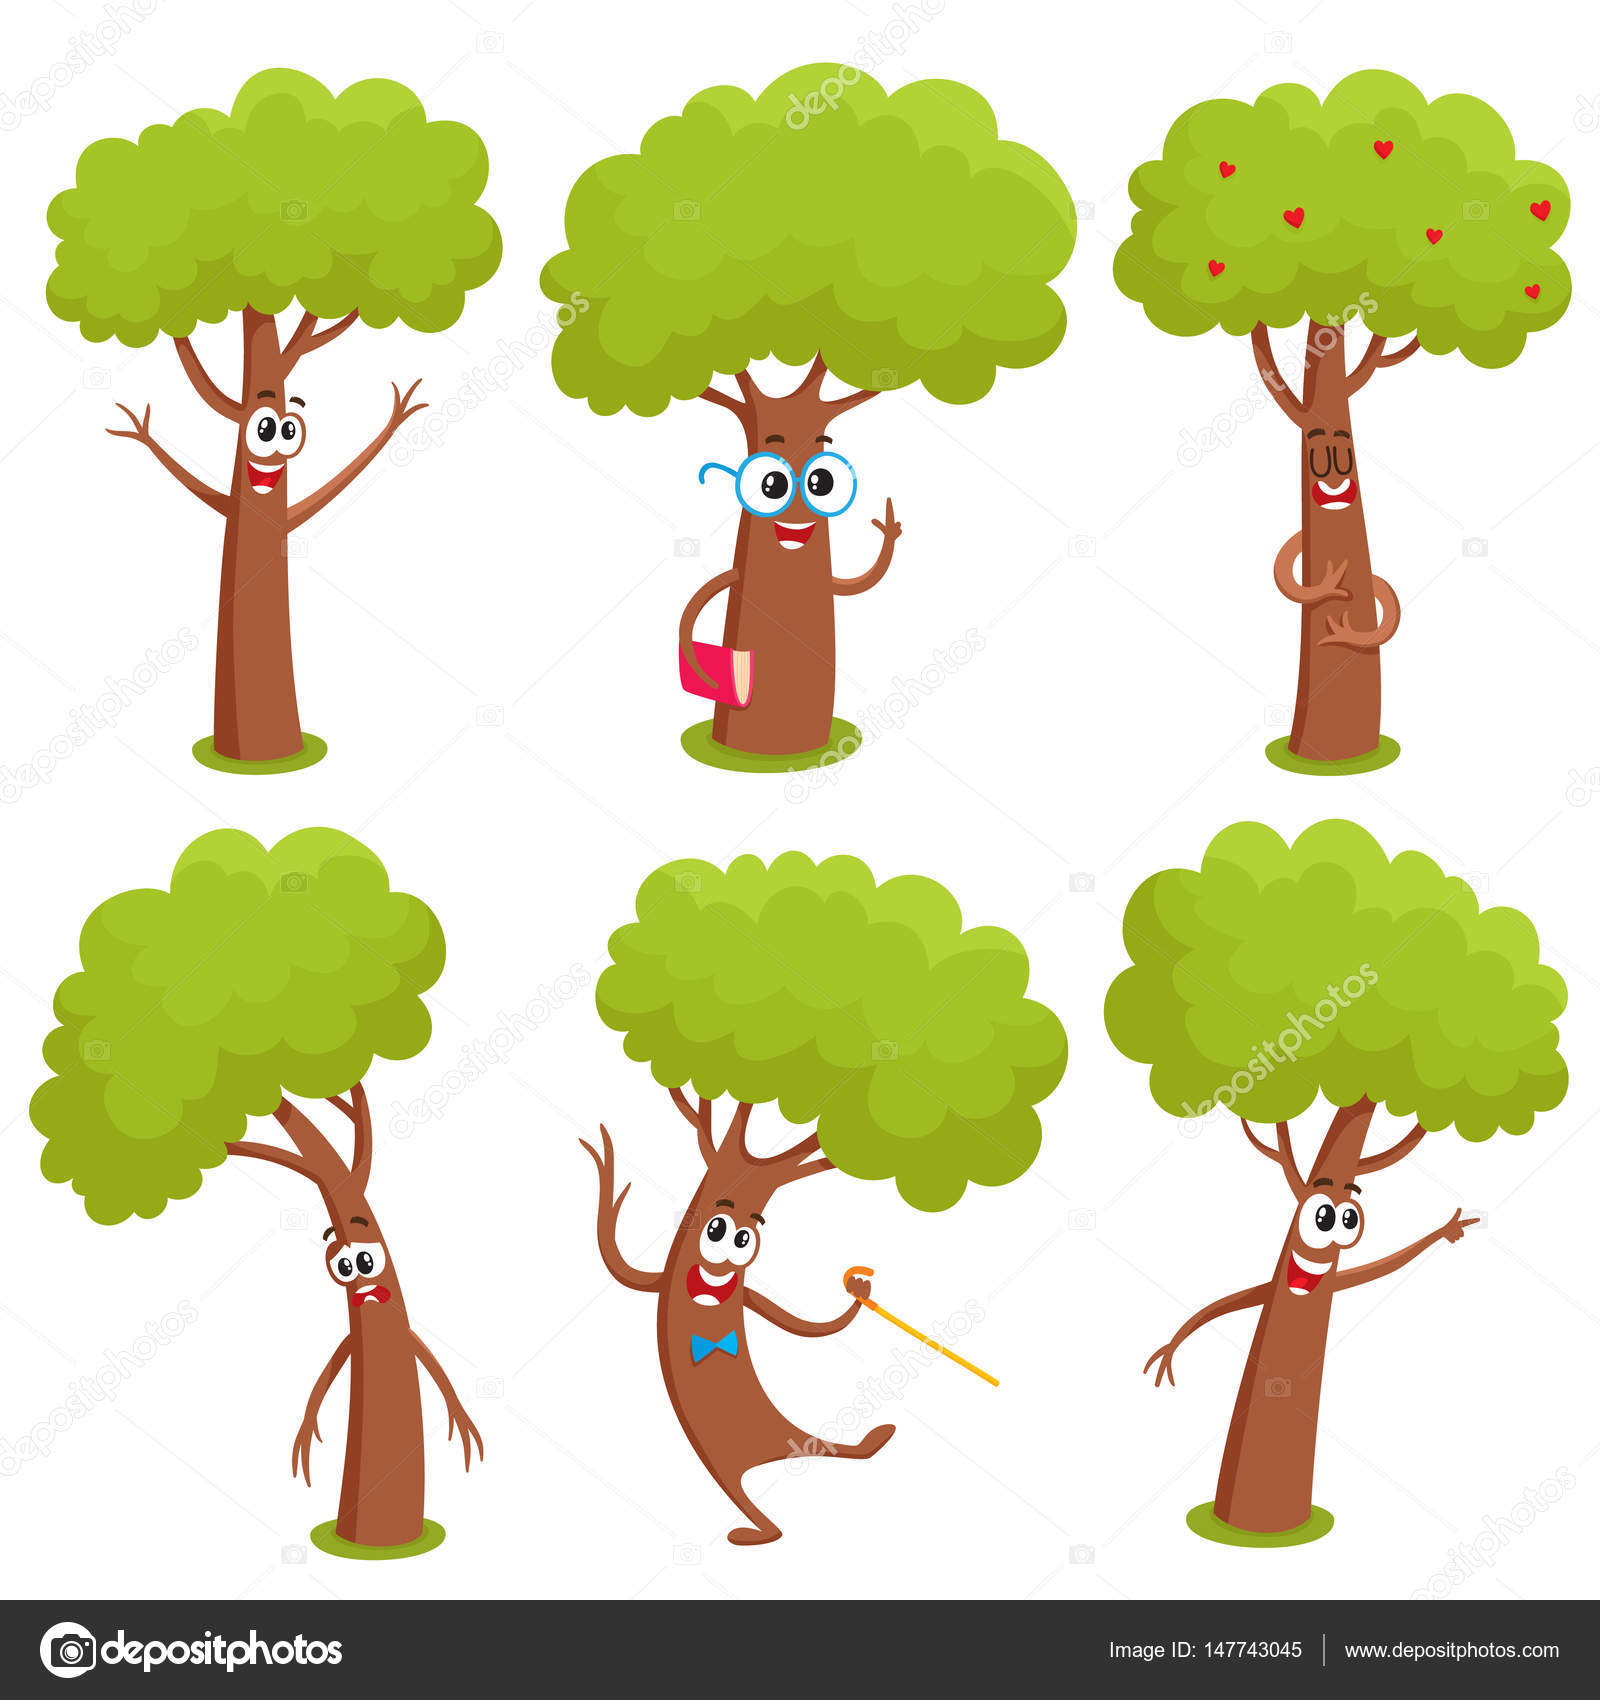 Zeichenmenge lustigen comic baum zeigt verschiedene - Baum comic bilder ...